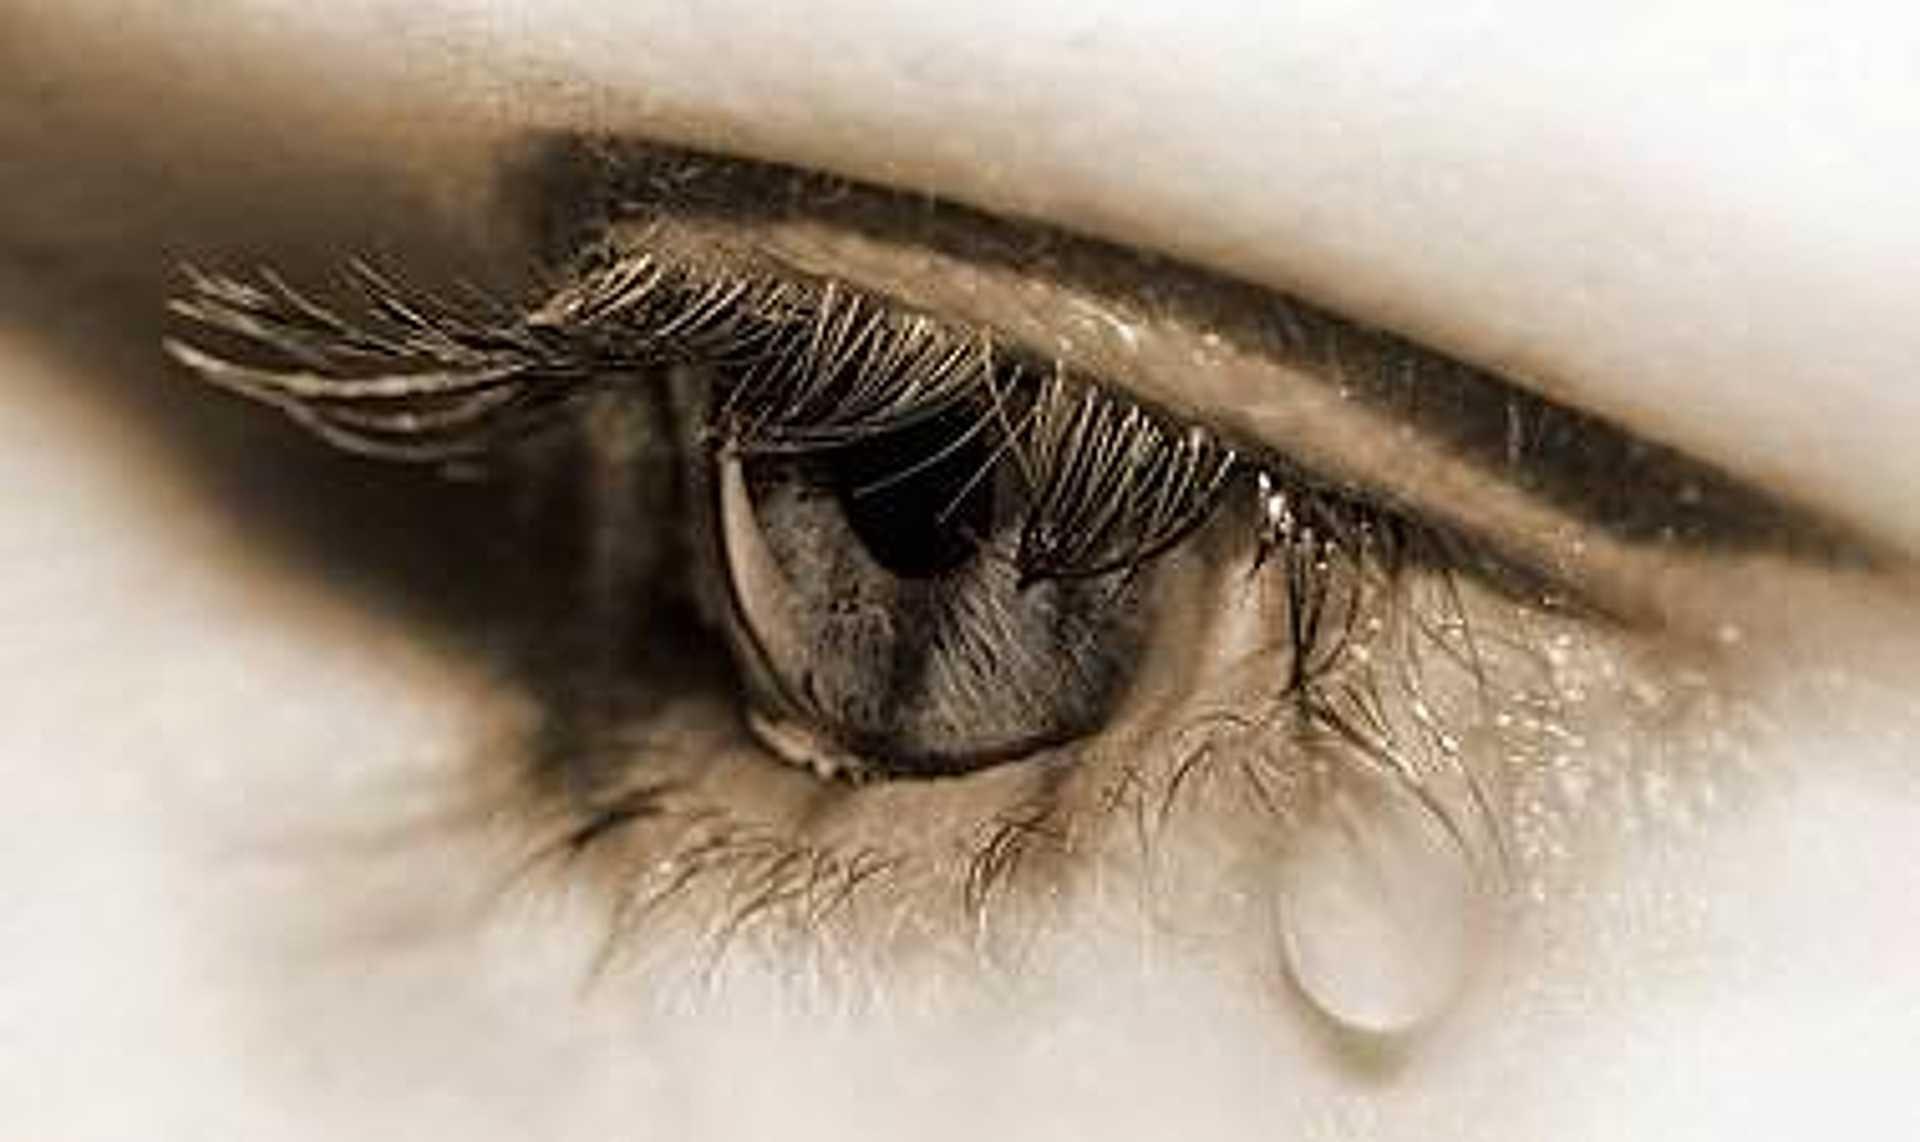 Az értetlenség, az önhibáztatás, a harag és sértődöttség fájdalmat szülnek.